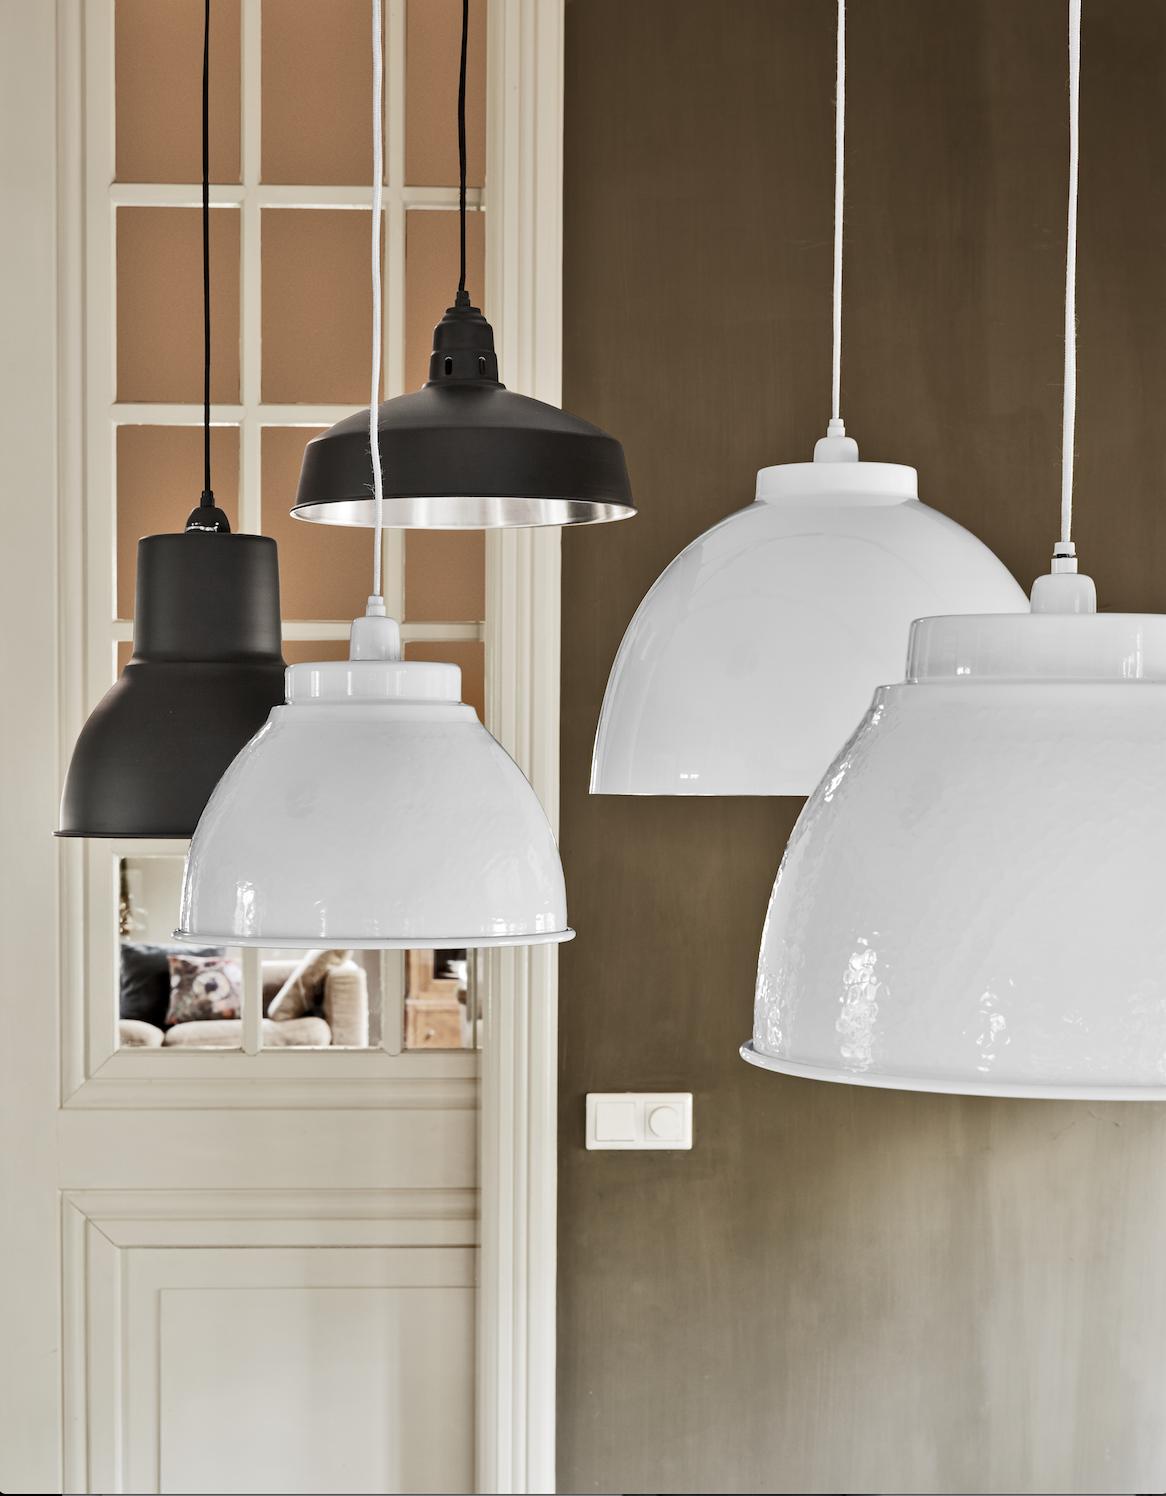 verschillen de hanglampen Pronto wonen | verlichting | Pinterest